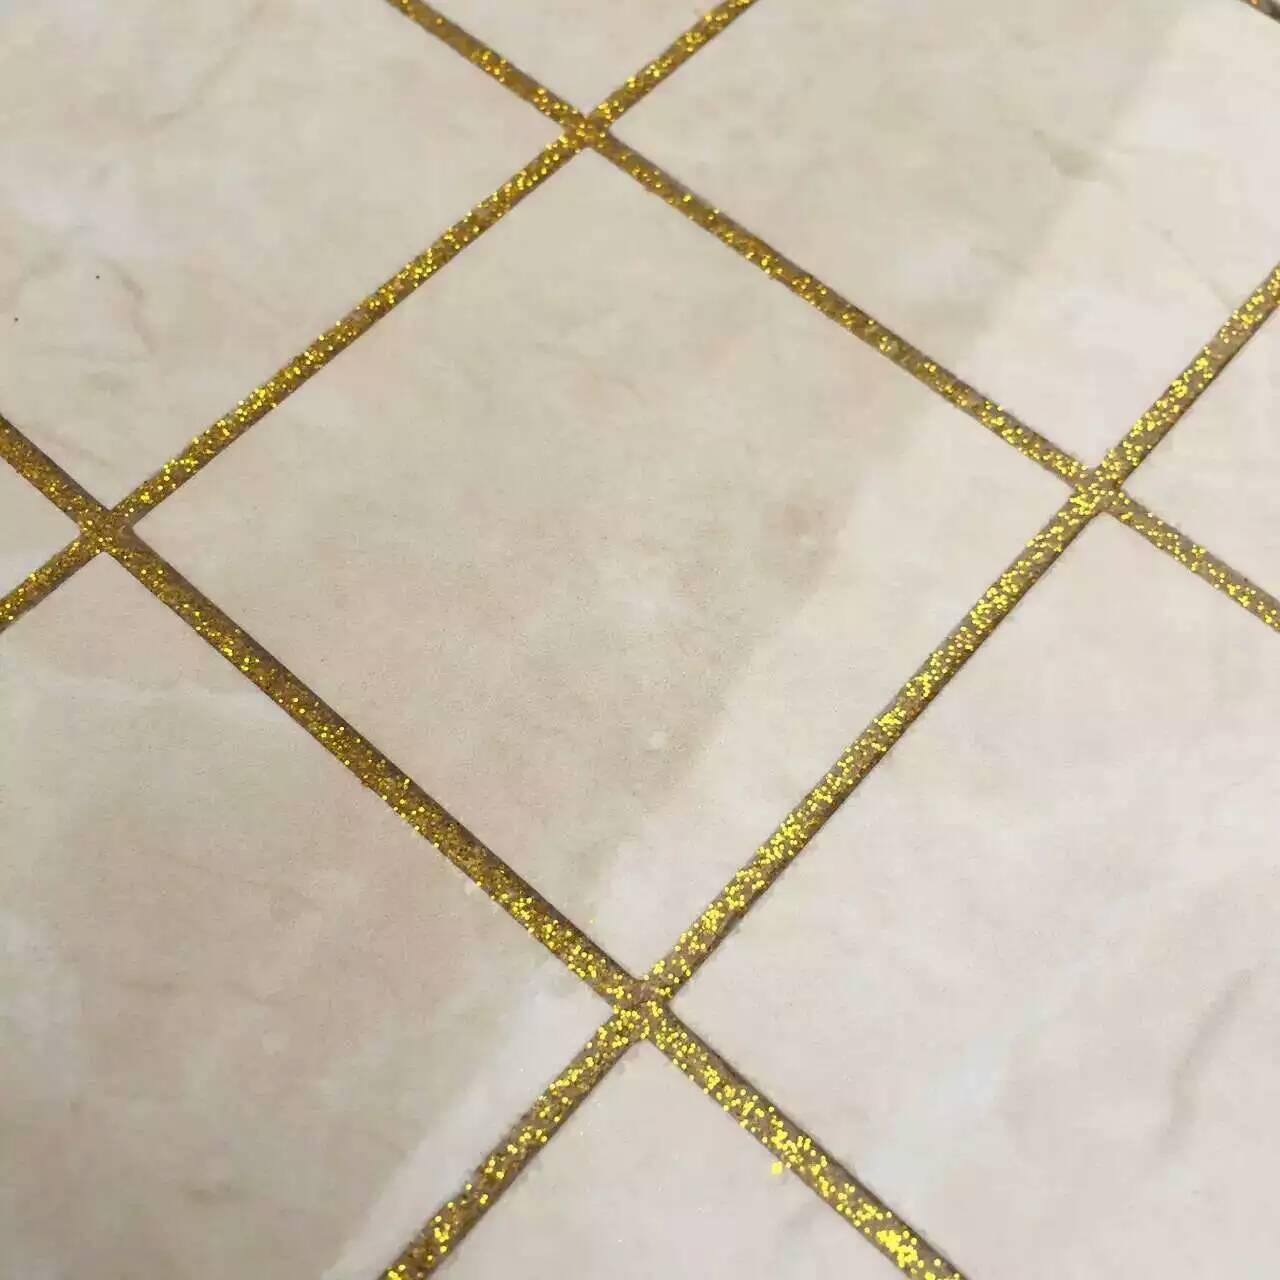 瓷砖怎样贴才会美缝-地砖美缝效果图,客厅贴瓷砖效果